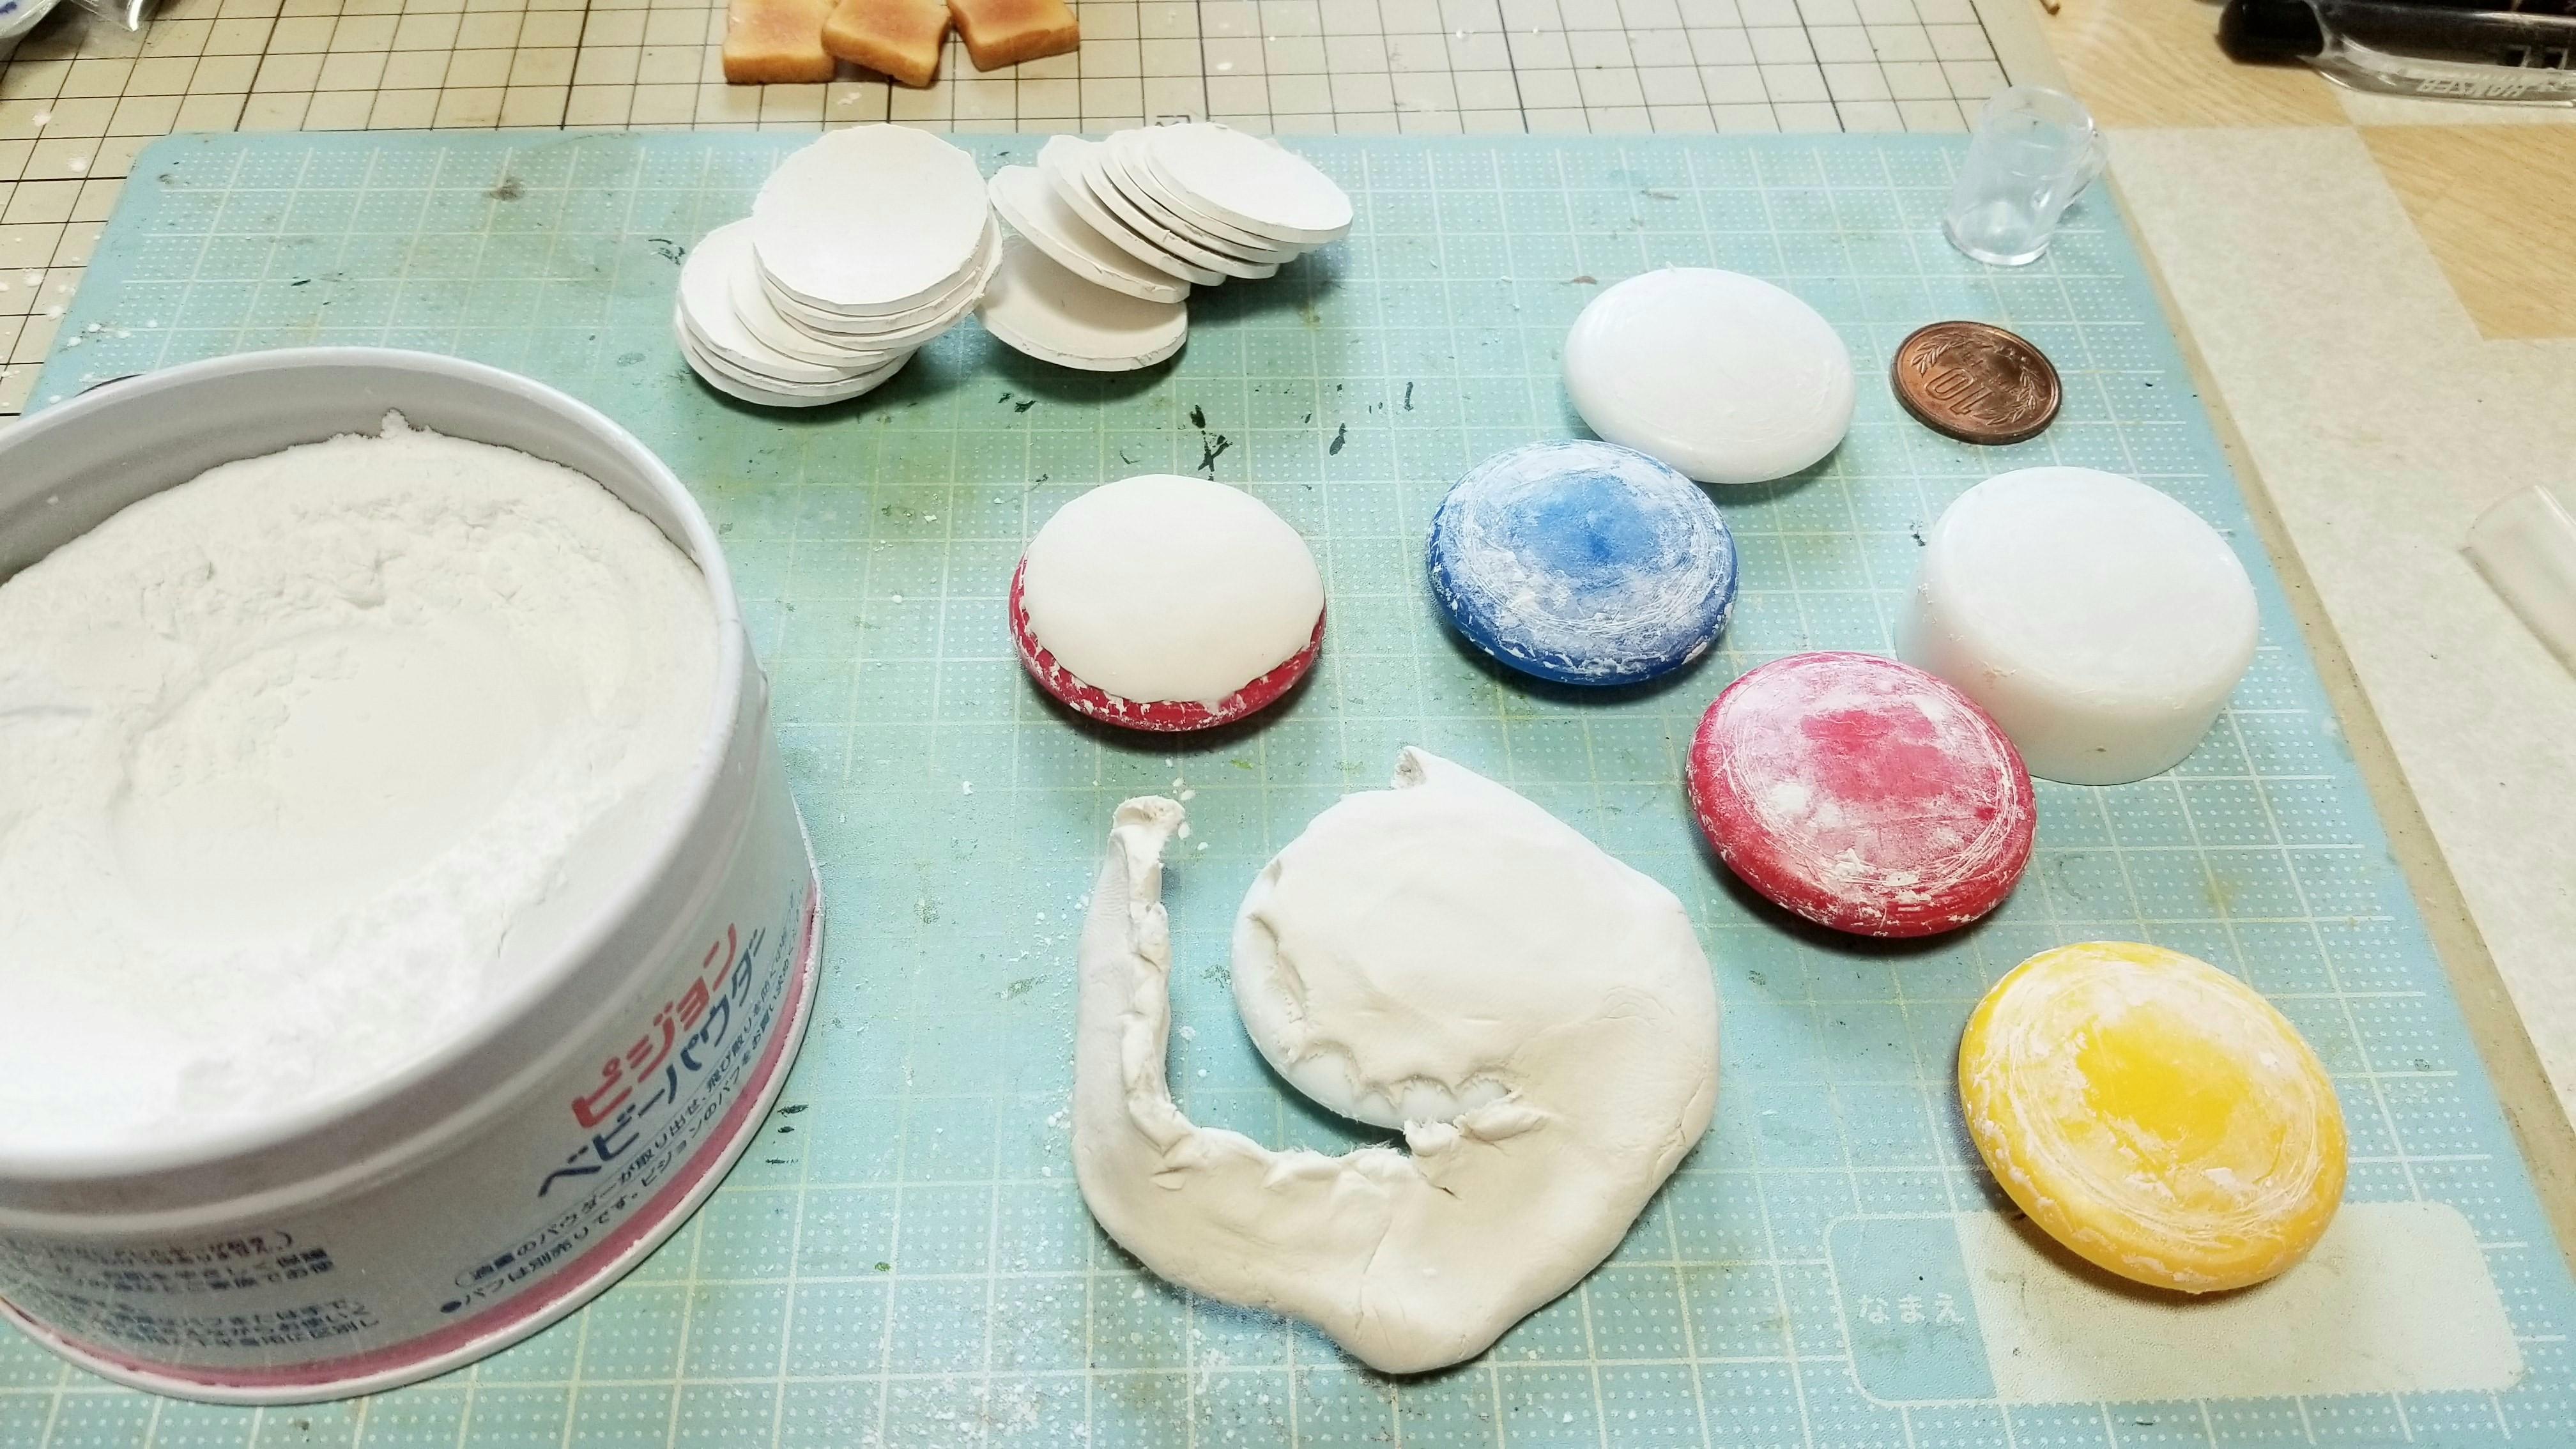 ミニチュアフード粘土丸食器お皿の作り方おすすめハンドメイドブログ